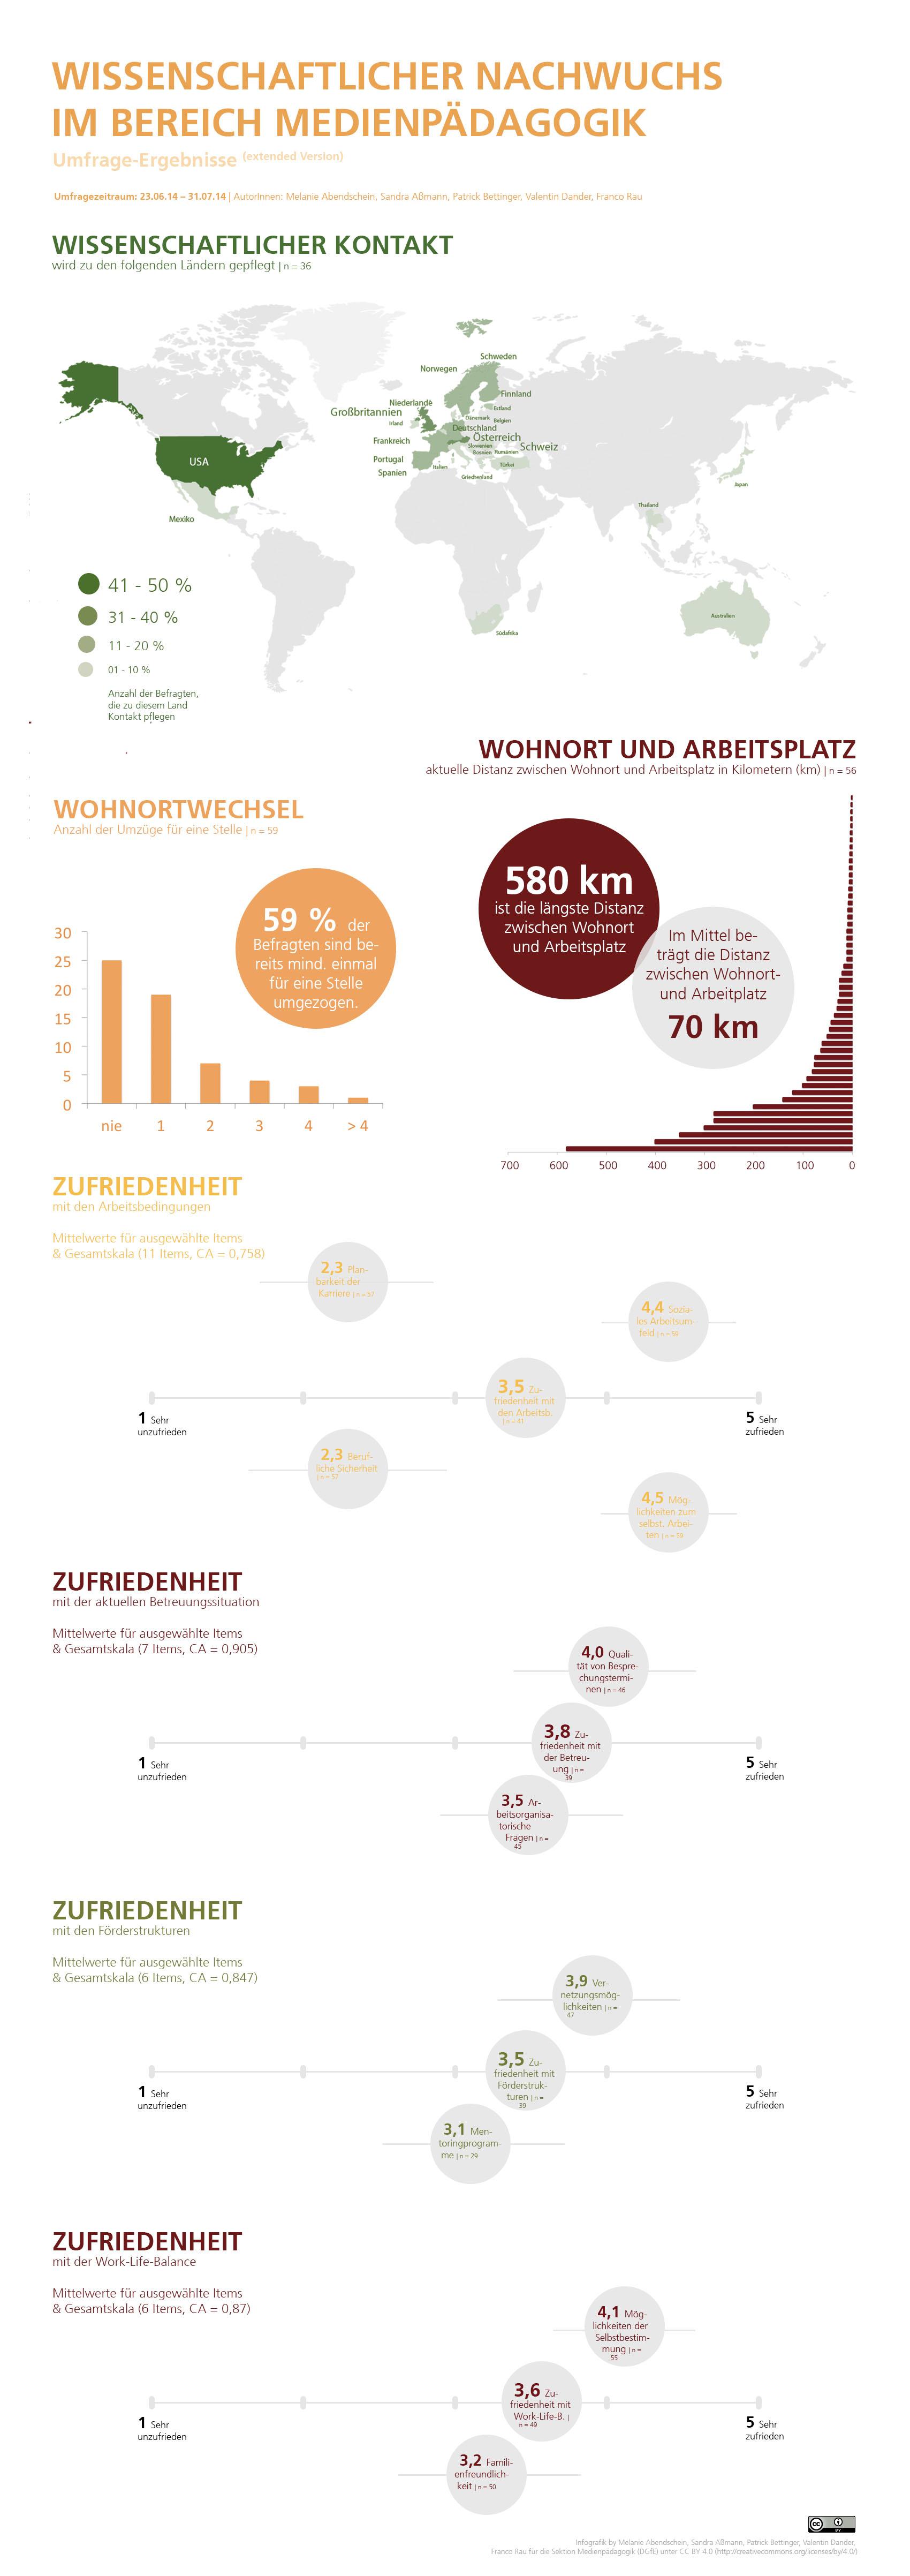 Wissenschaftlicher Nachwuchs im Bereich Medienpädagogik (DGFE Sektion Medienpädagogik). Infografik by Melanie Abendschein, Sandra Aßmann, Patrick Bettinger, Valentin Dander, Franco Rau (CC BY 4.0)